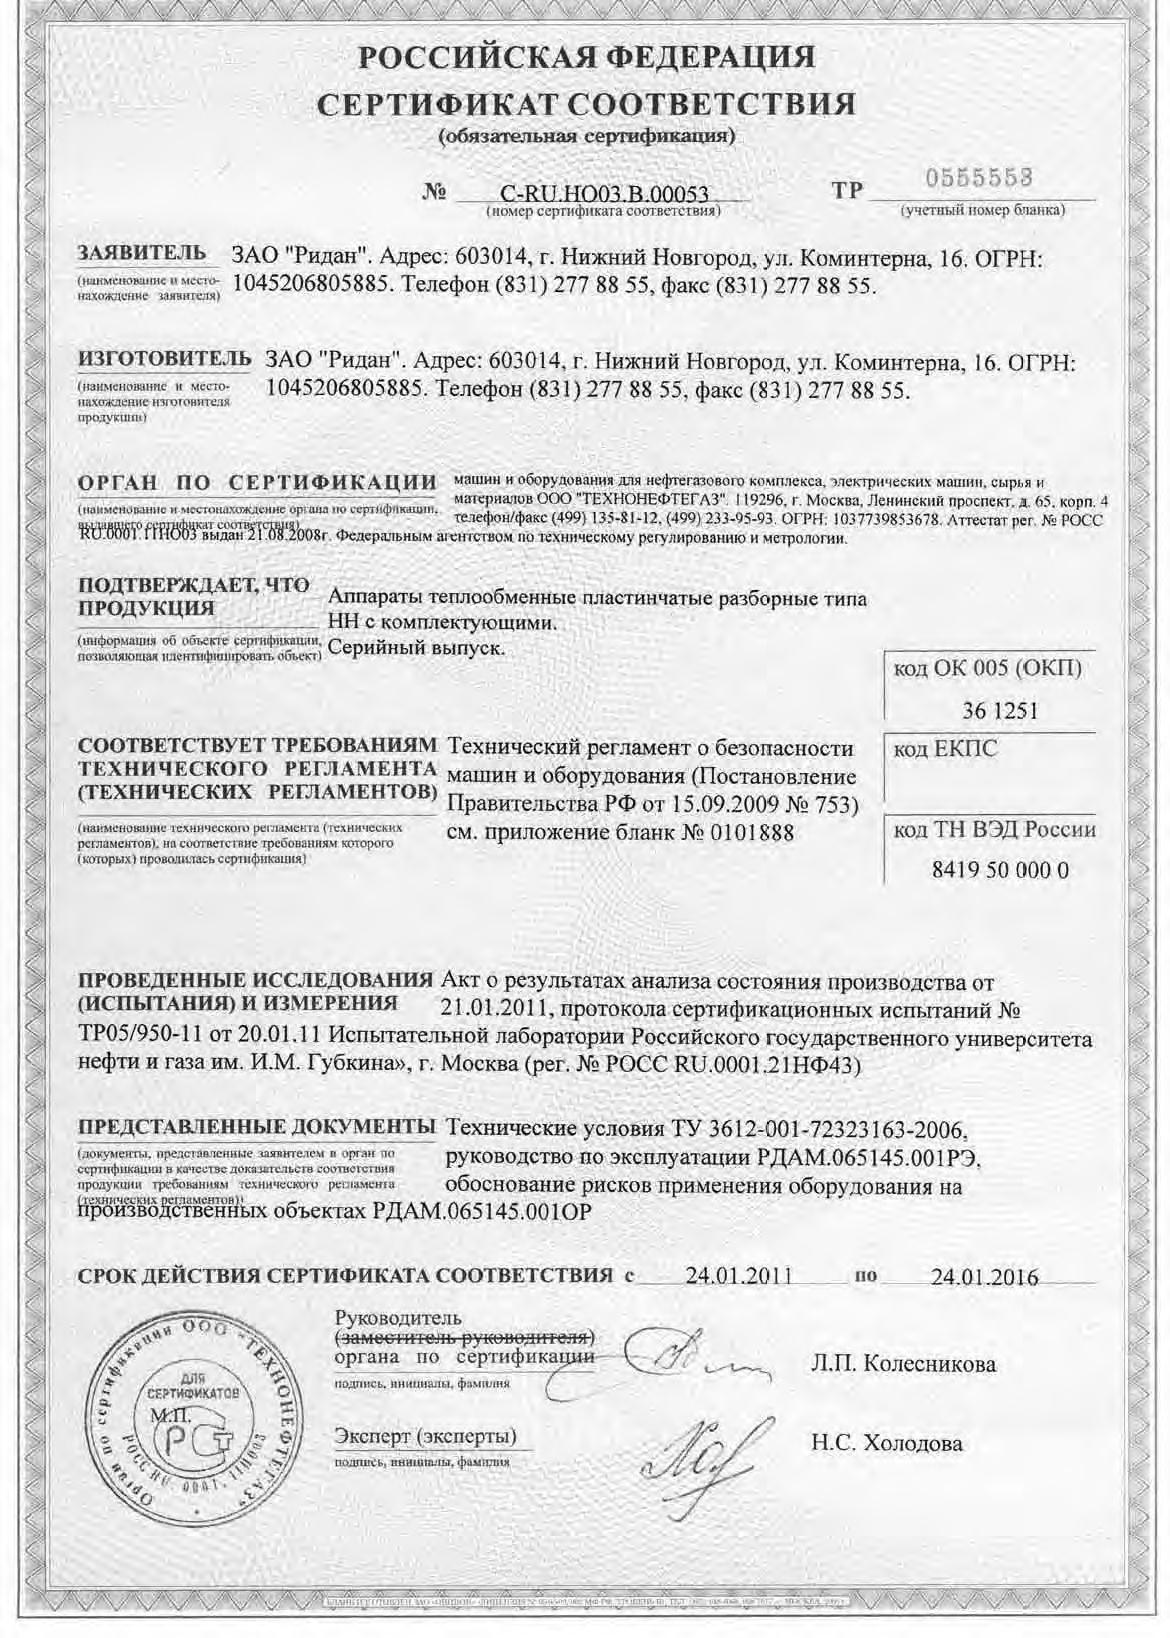 Теплообменник сертификаты то теплообменник водонагревателя